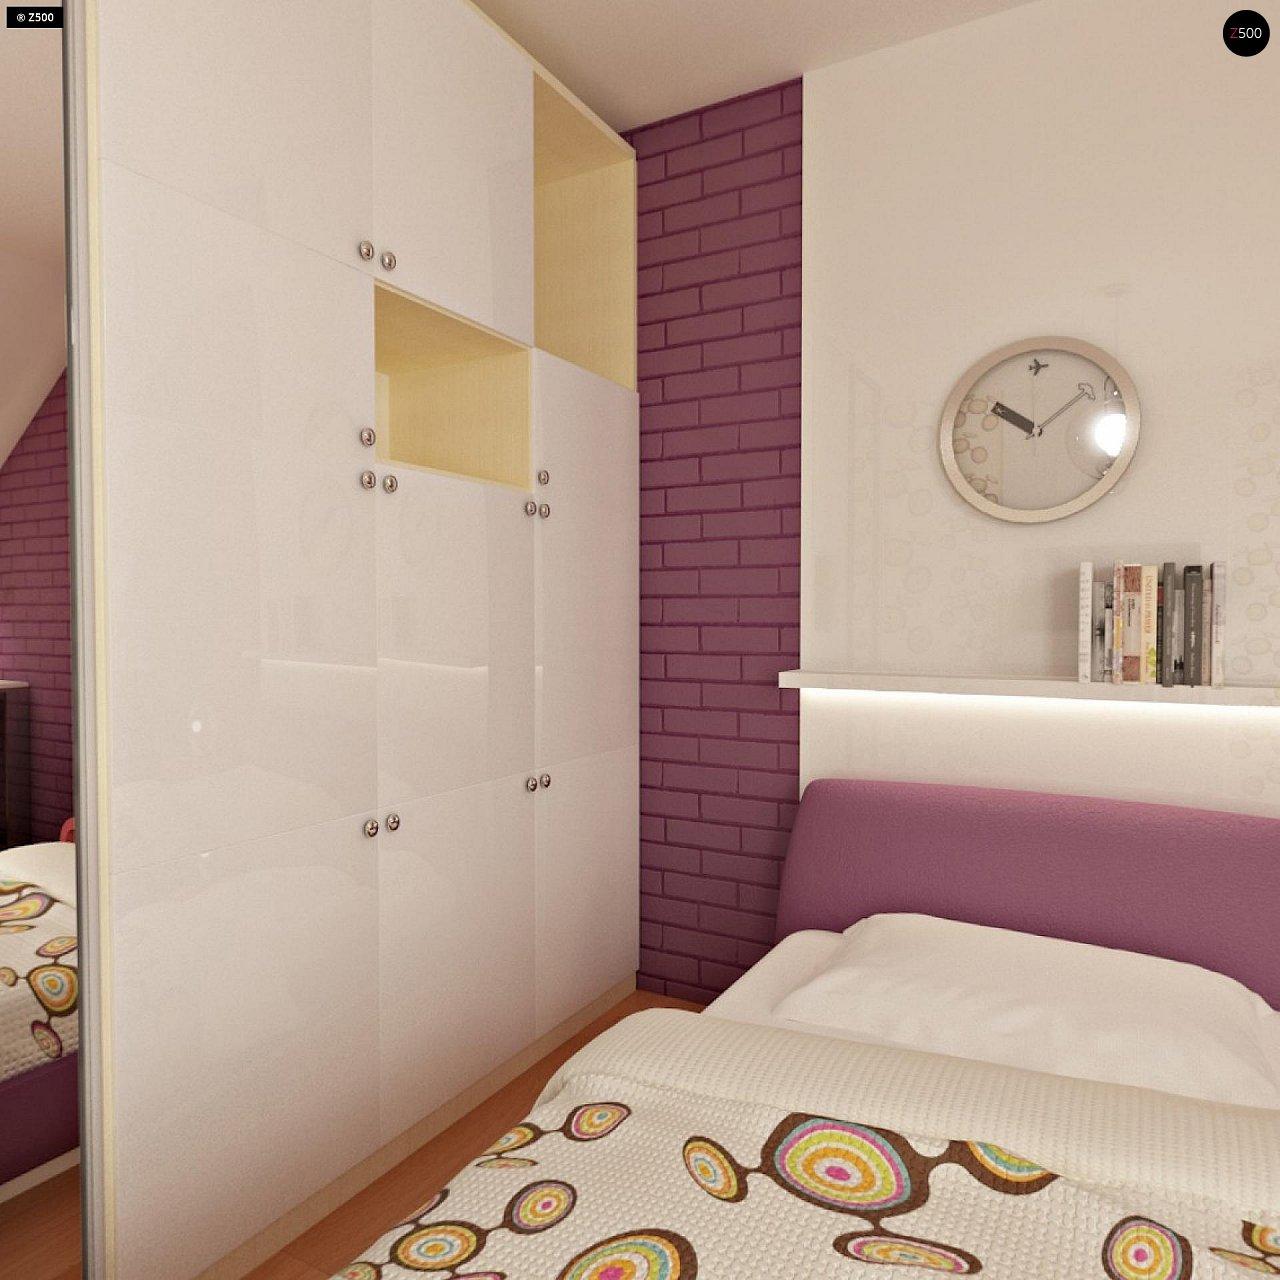 Проект стильного, функционального и недорогого двухсемейного дома. 11